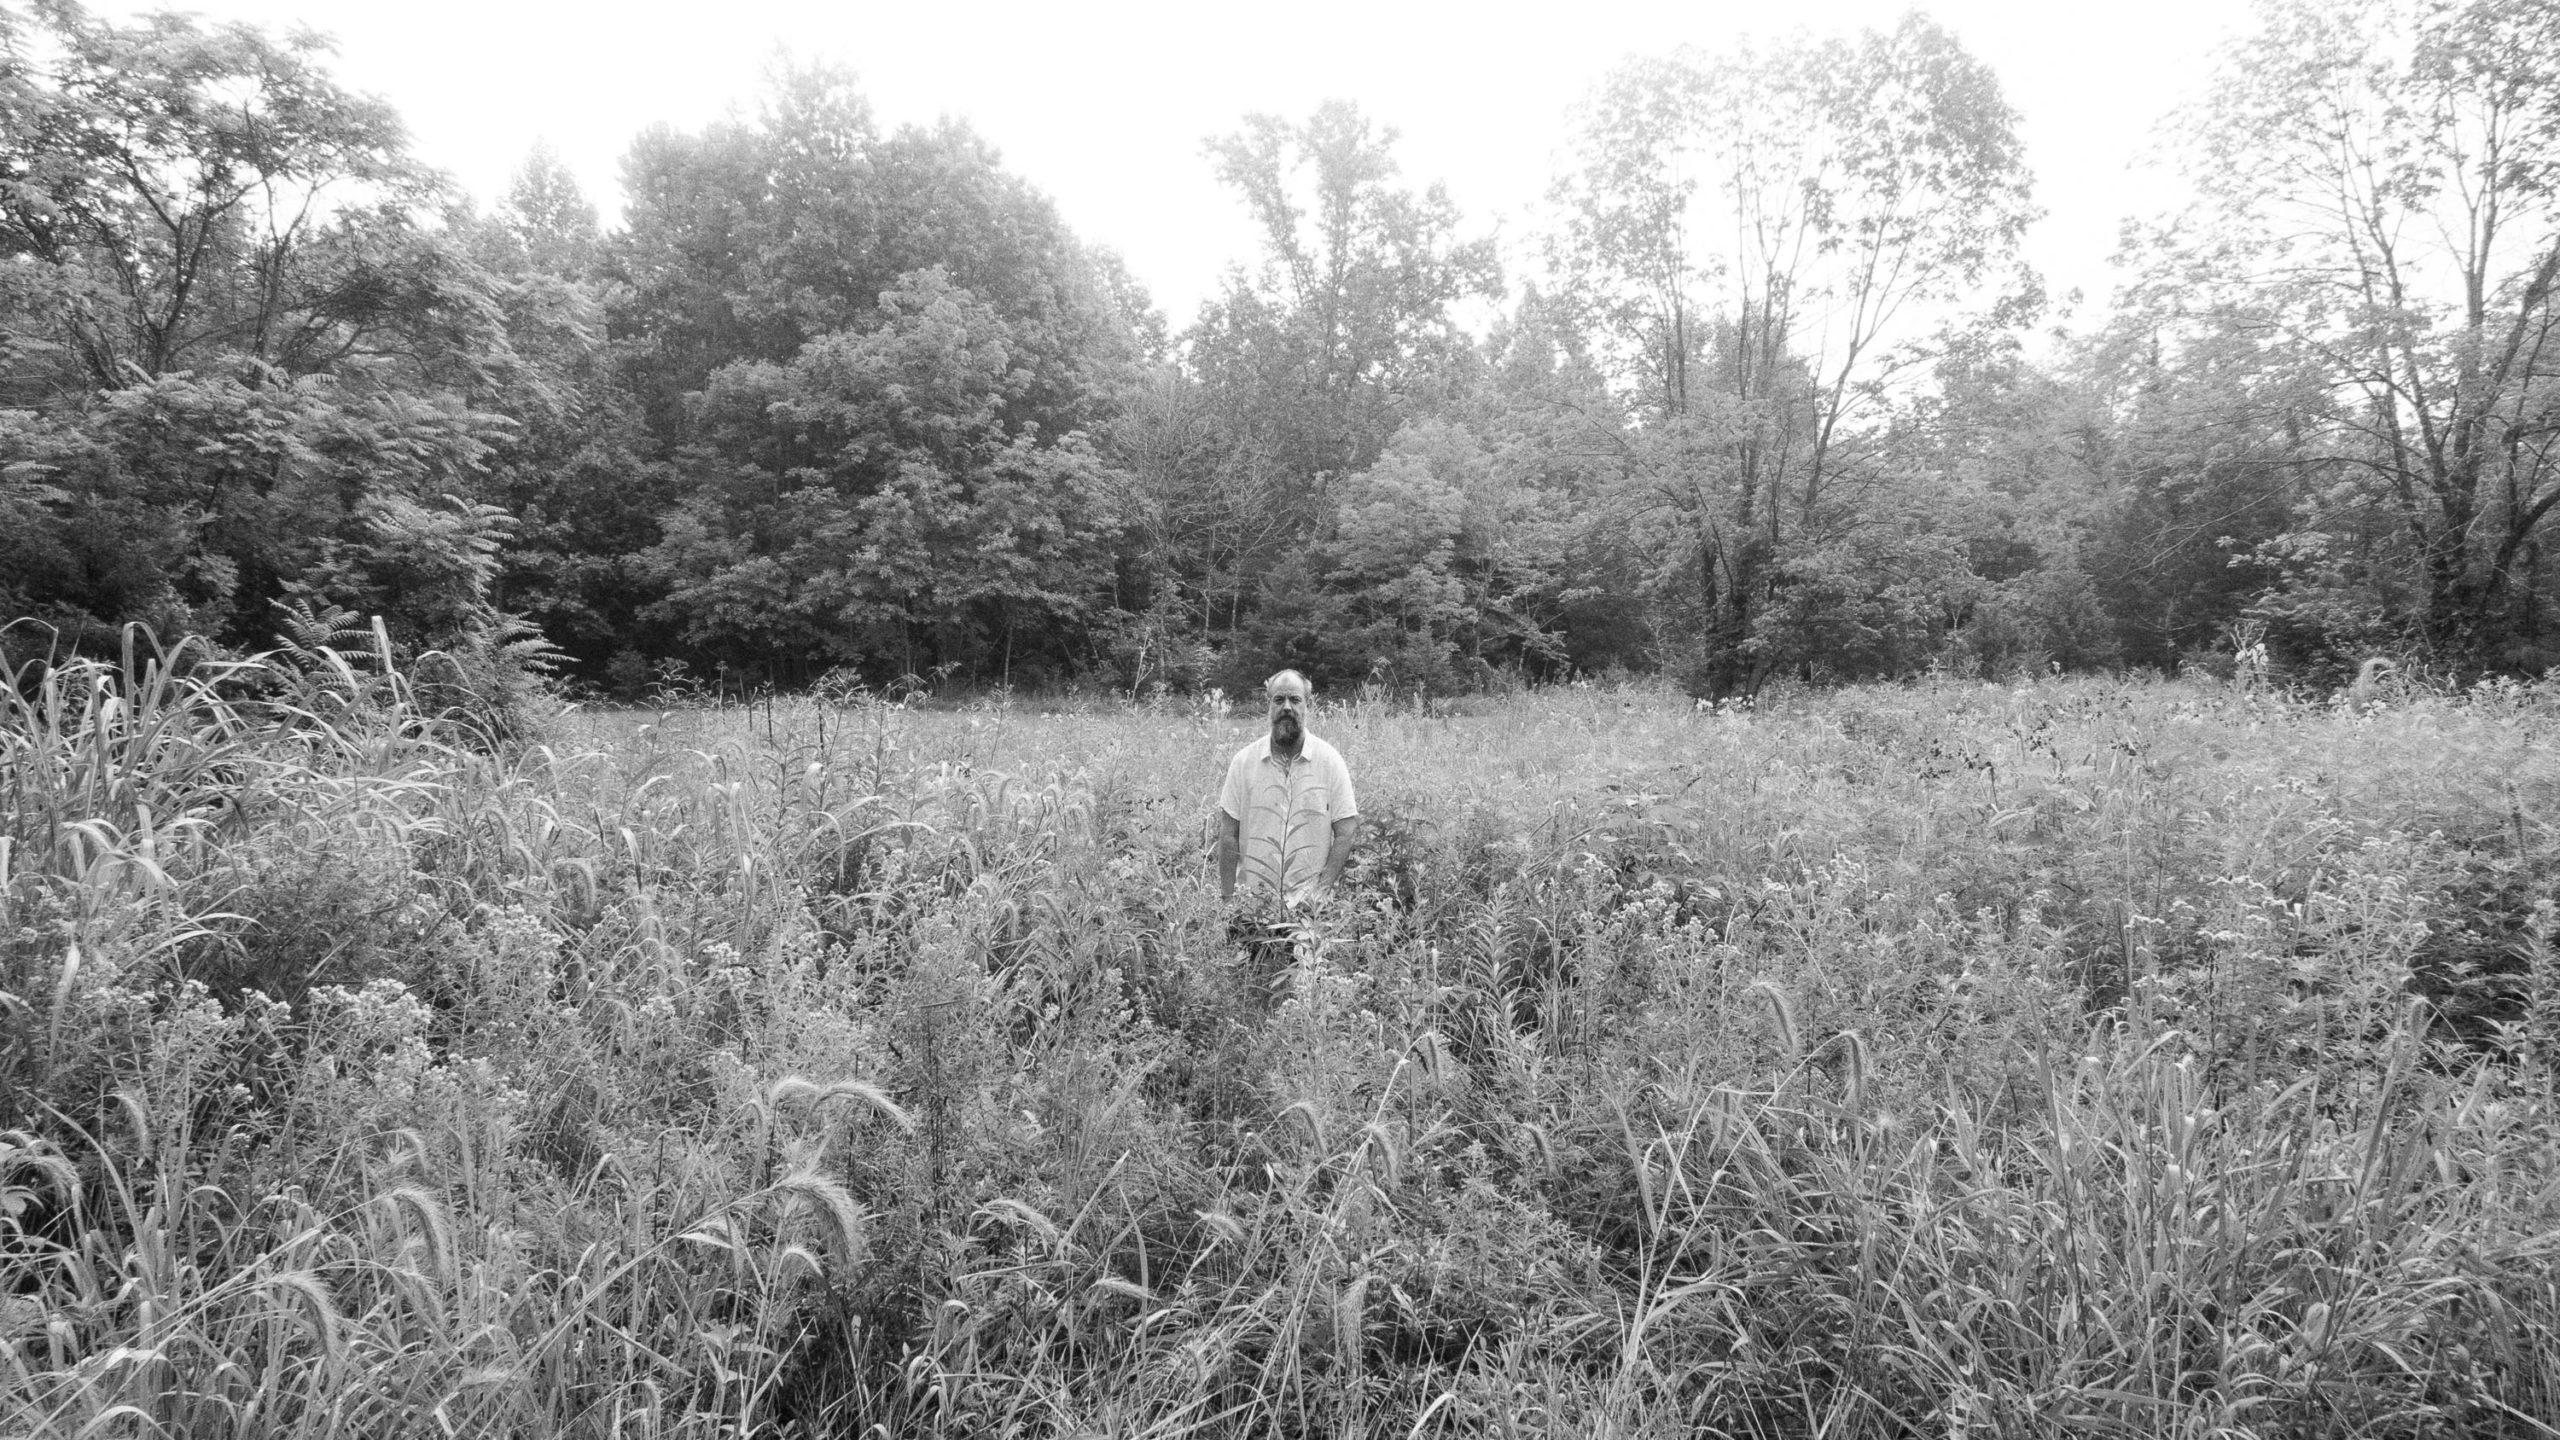 Man in weeds